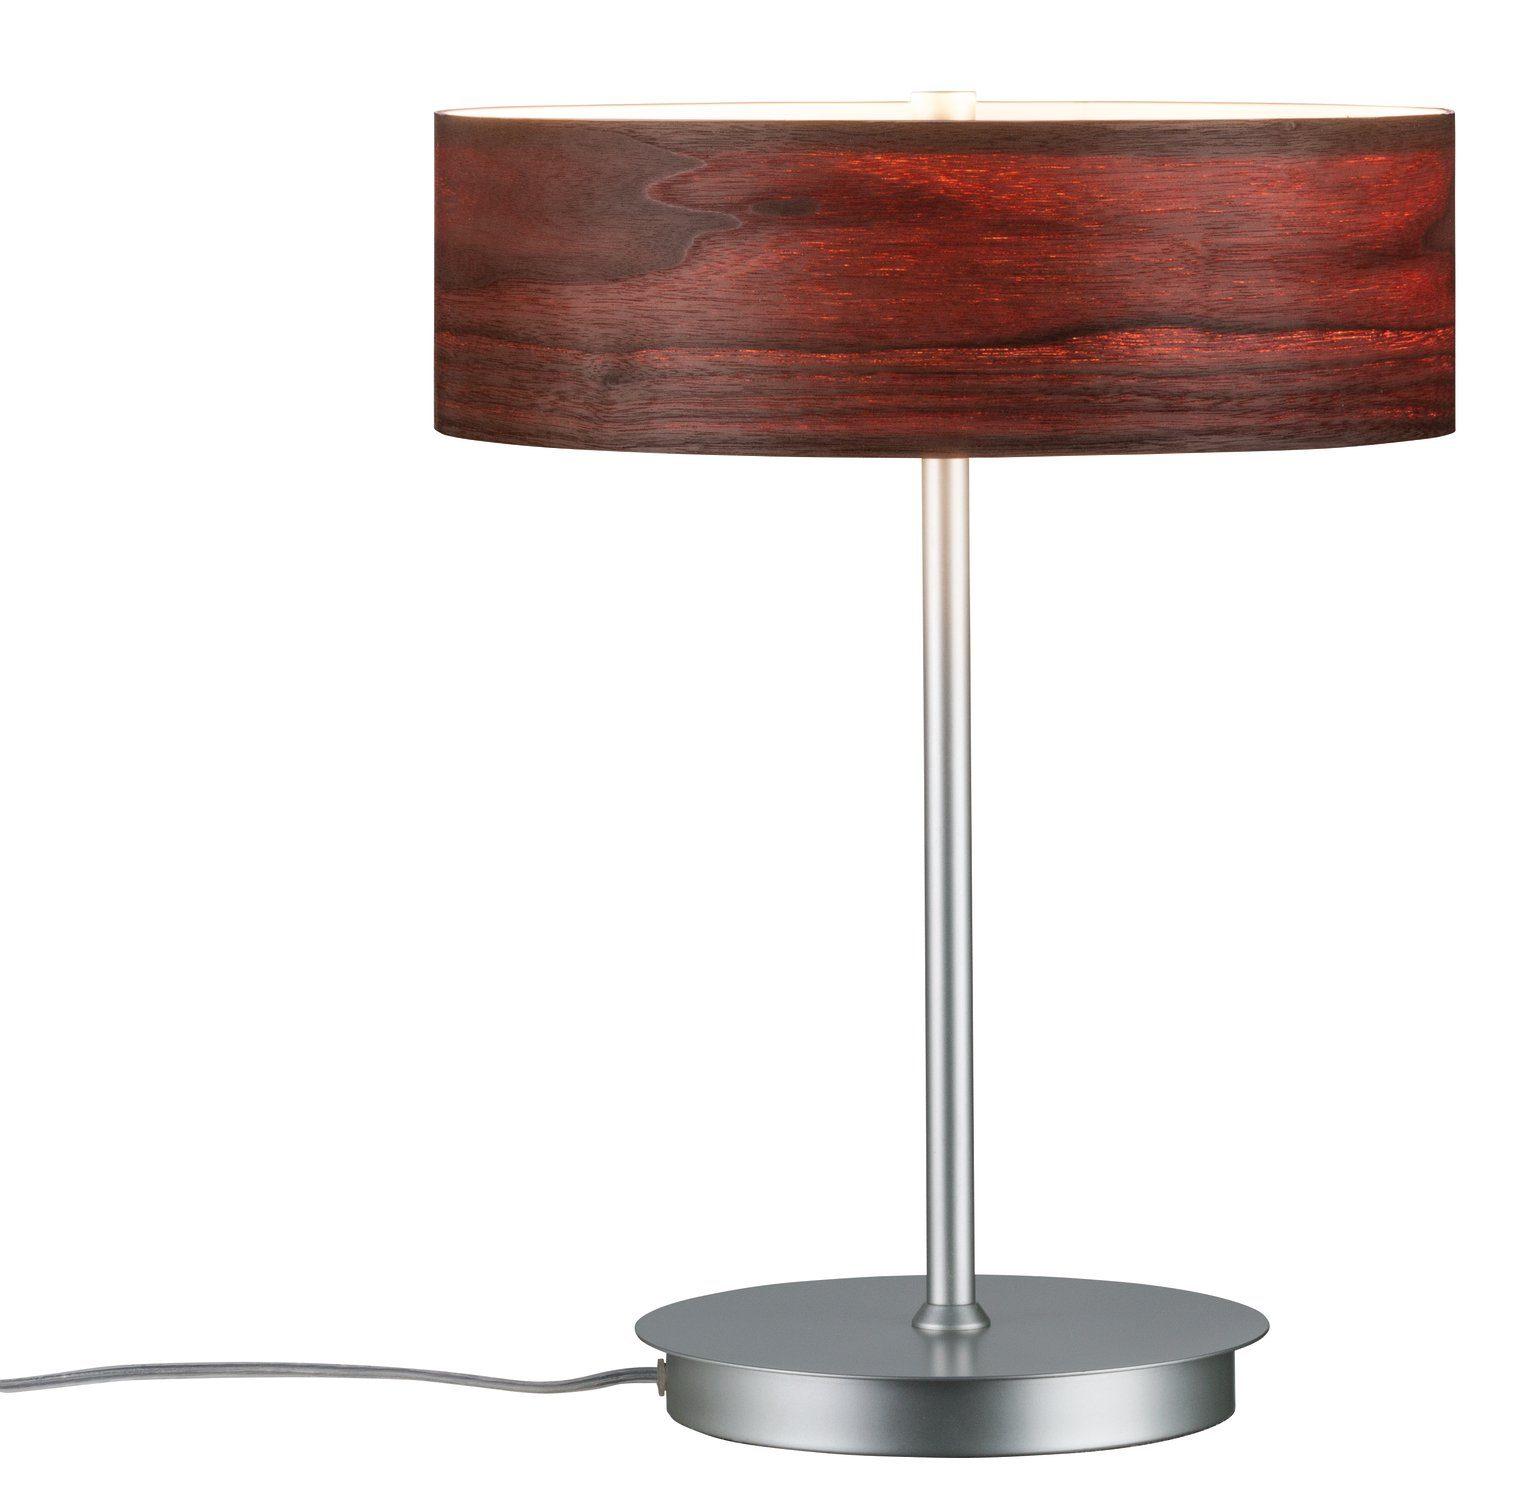 Paulmann LED Tischleuchte Neordic Liska Holz dunkel/Chrom matt, E27, 1 St.